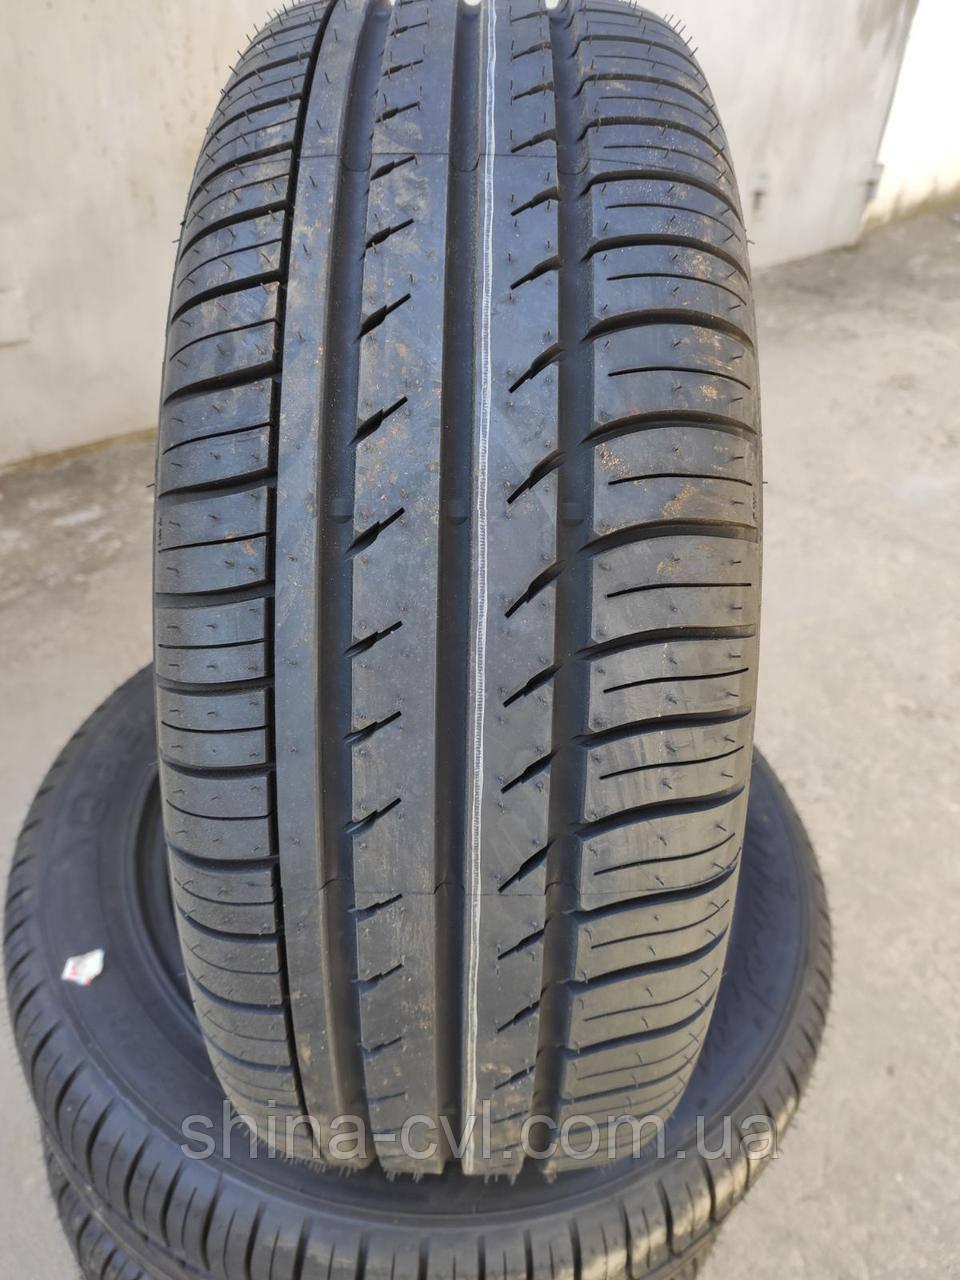 Нові літні шини 205/55 R16 91H BELSHINA ARTMOTION